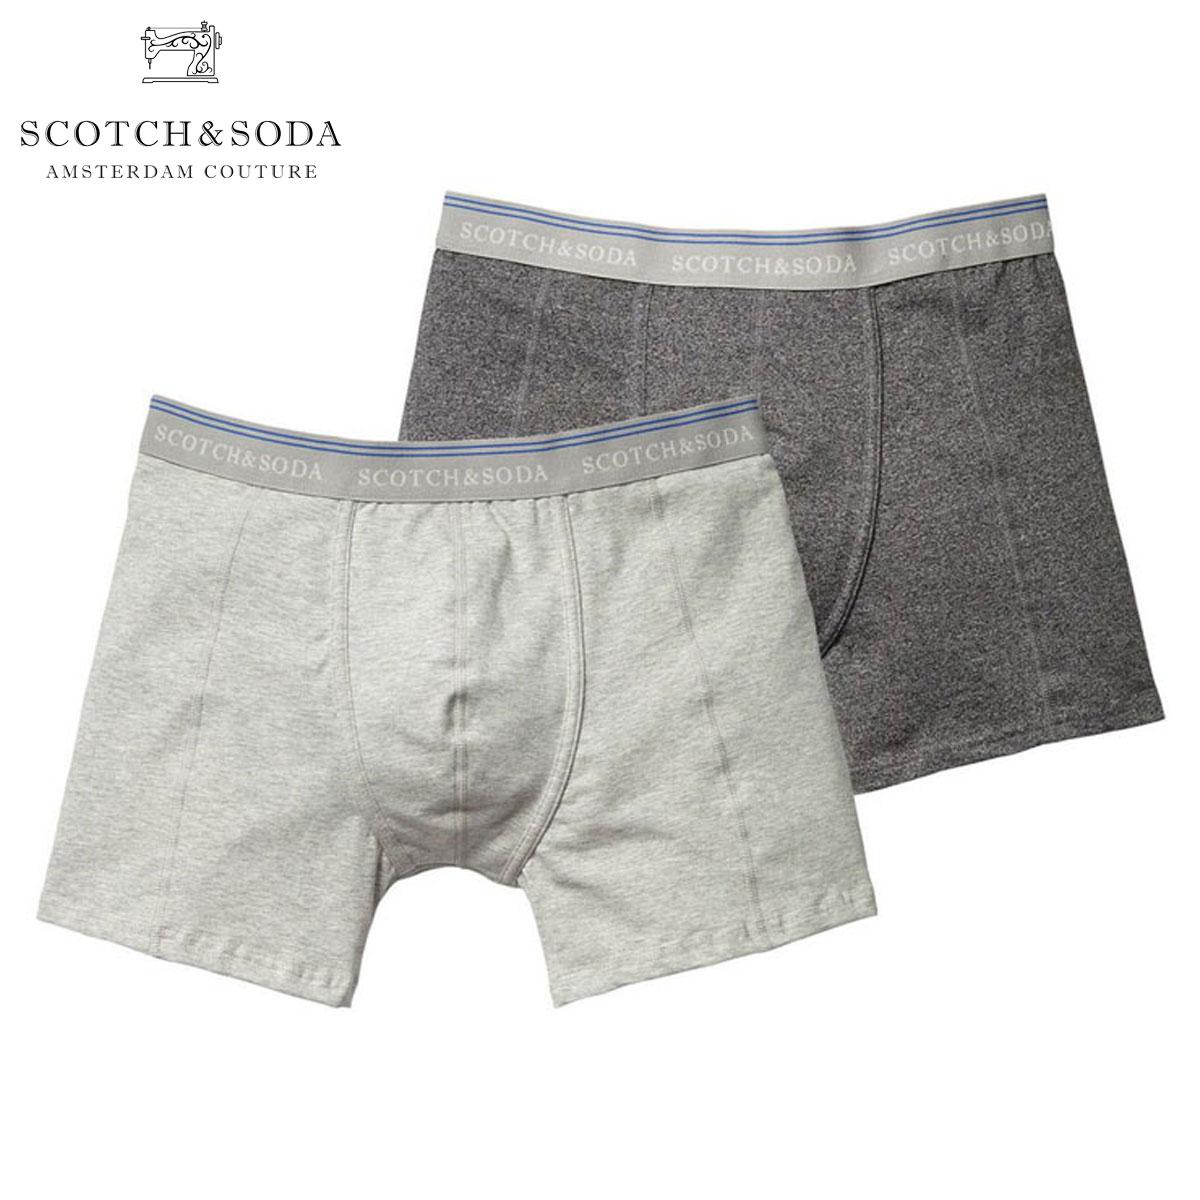 スコッチアンドソーダ SCOTCH&SODA 正規販売店 メンズ ボクサーパンツ BOXERSHORT, SOLD IN 2-PACK 124904 O DESSINO A39B B1C C7D D2E E02F